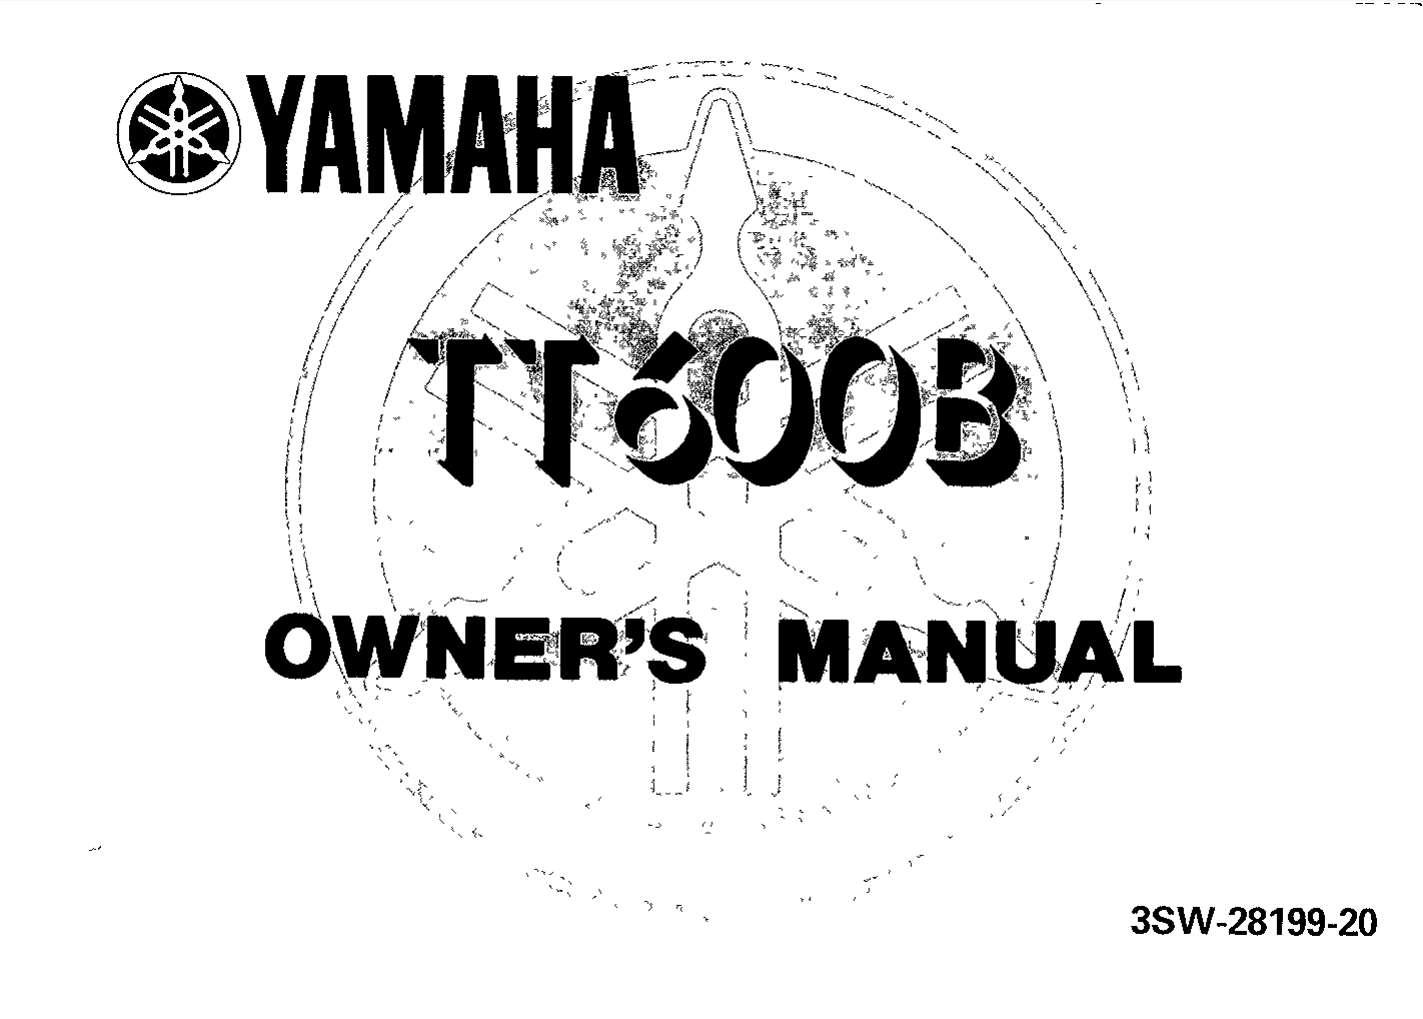 Yamaha TT600 B 1991 Owner's Manual